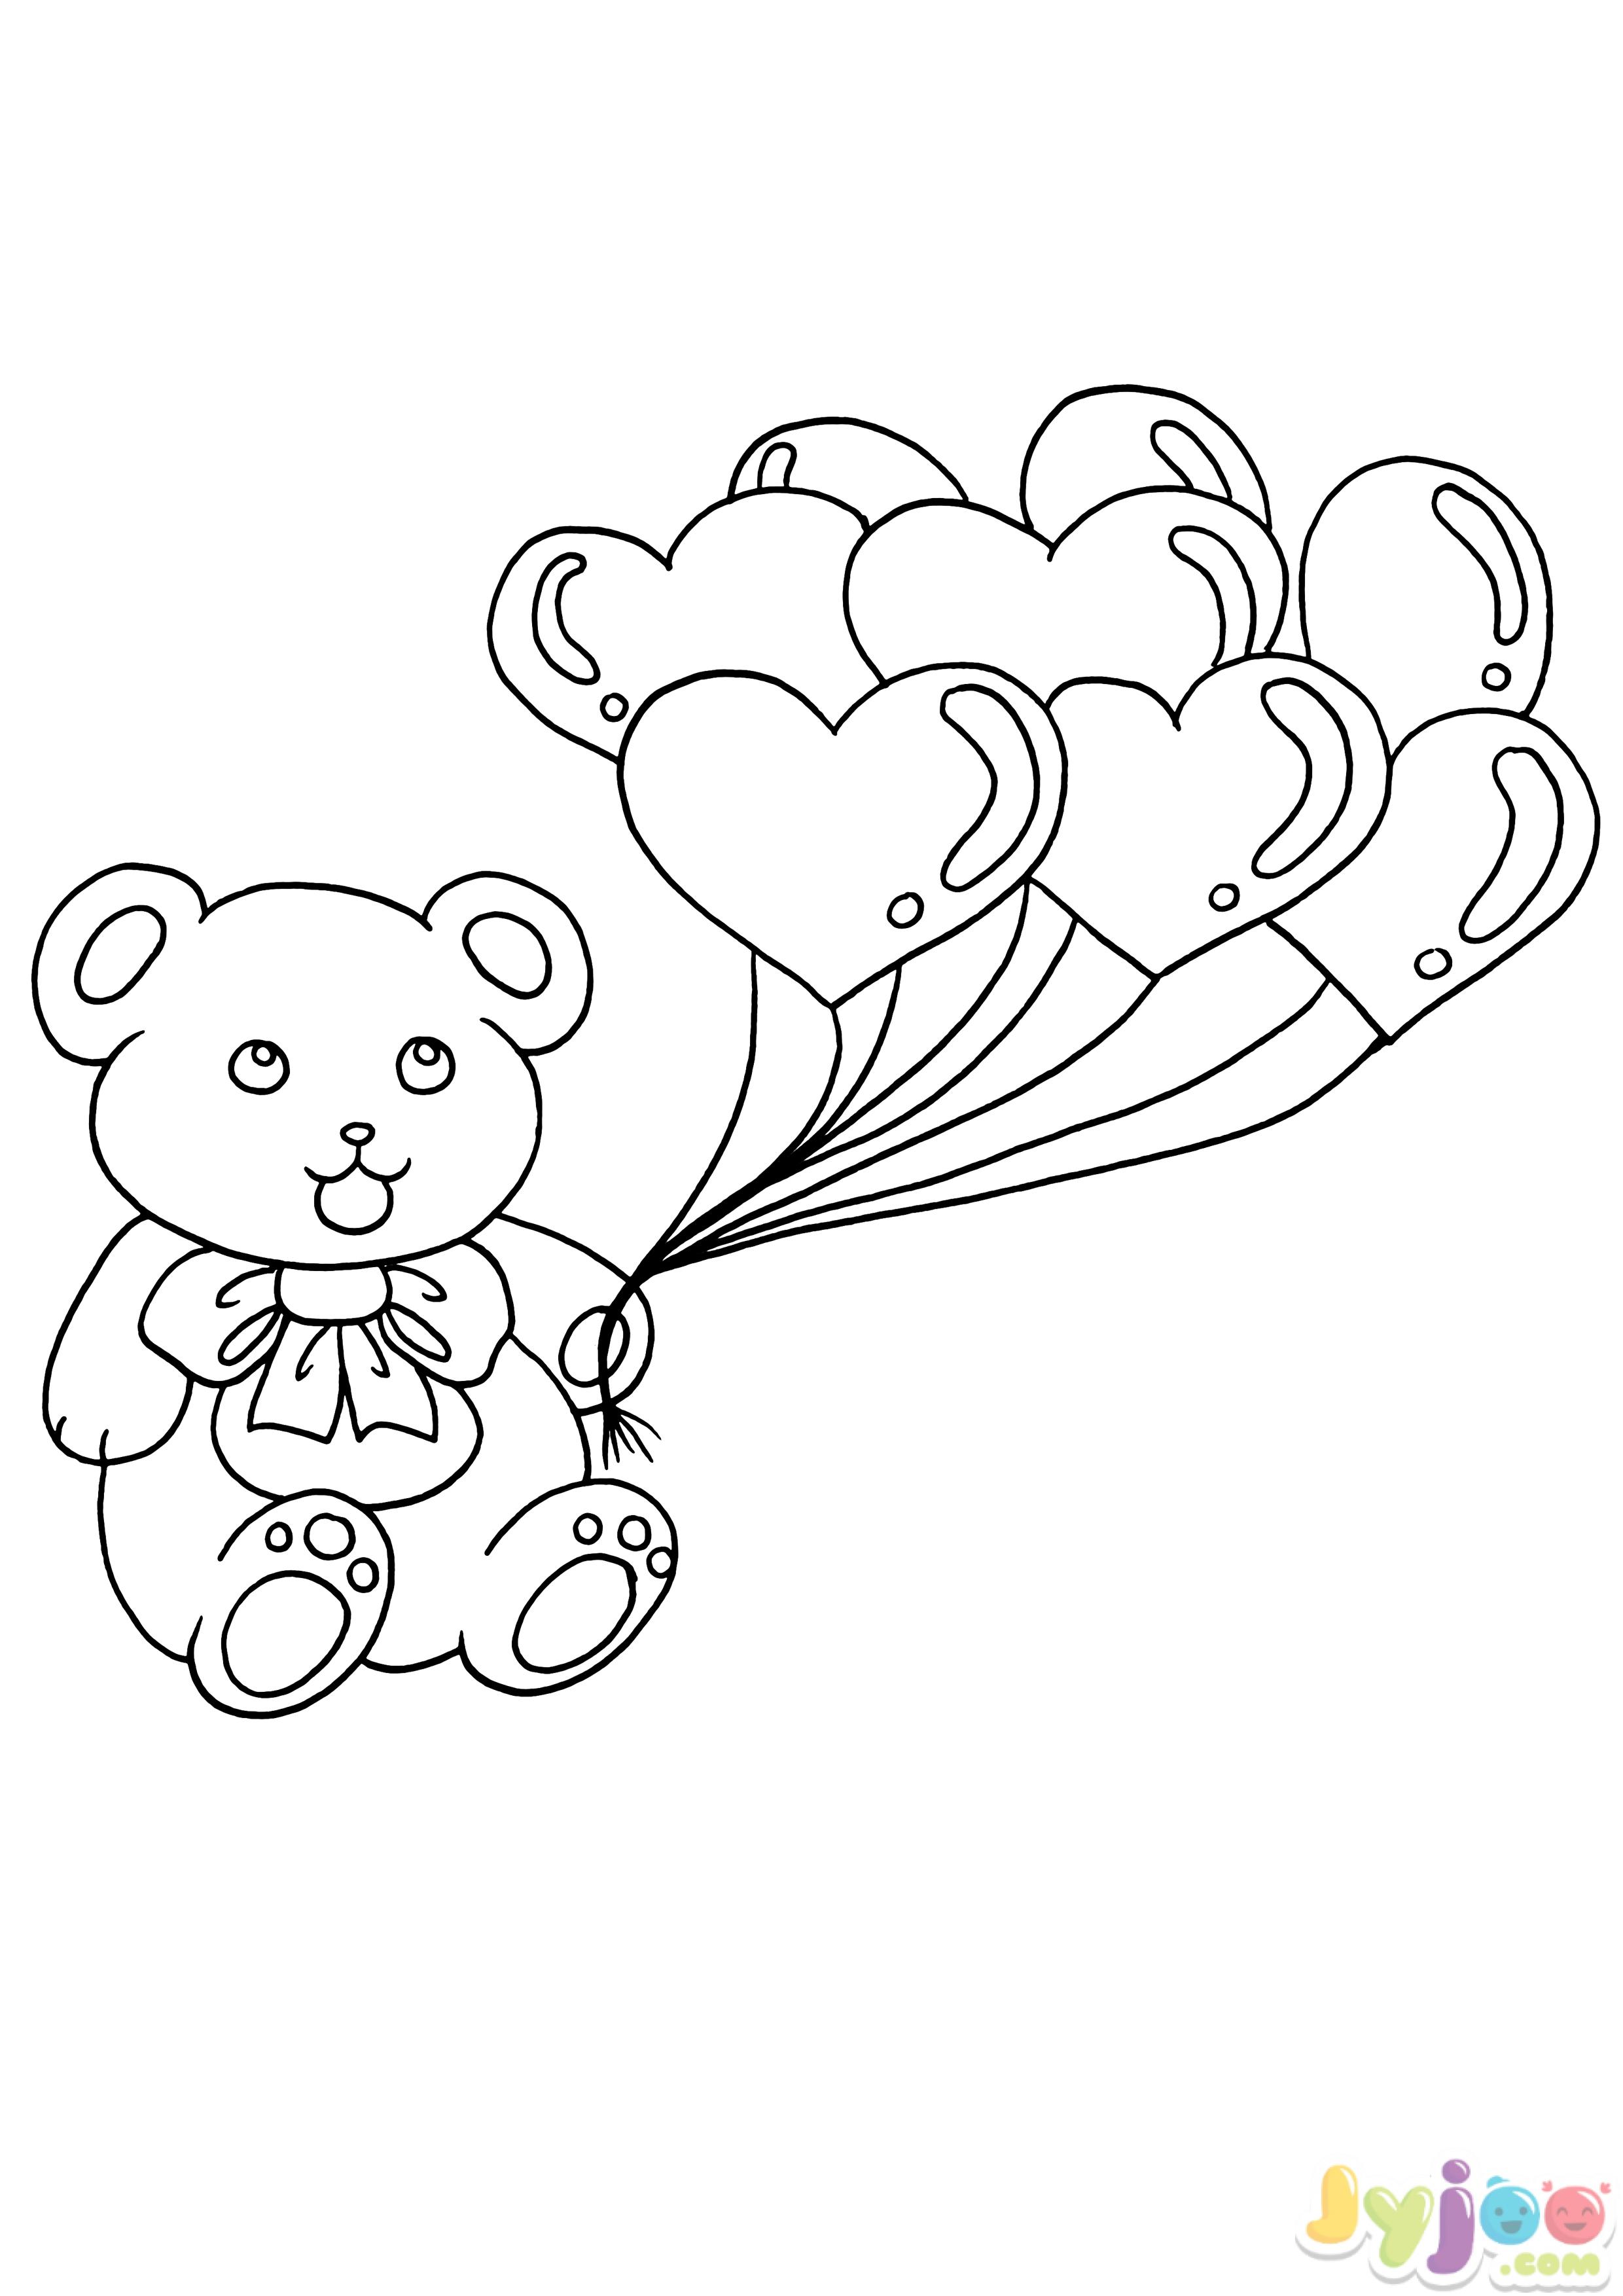 20 dessins de coloriage ours en ligne imprimer - Coloriage ligne ...